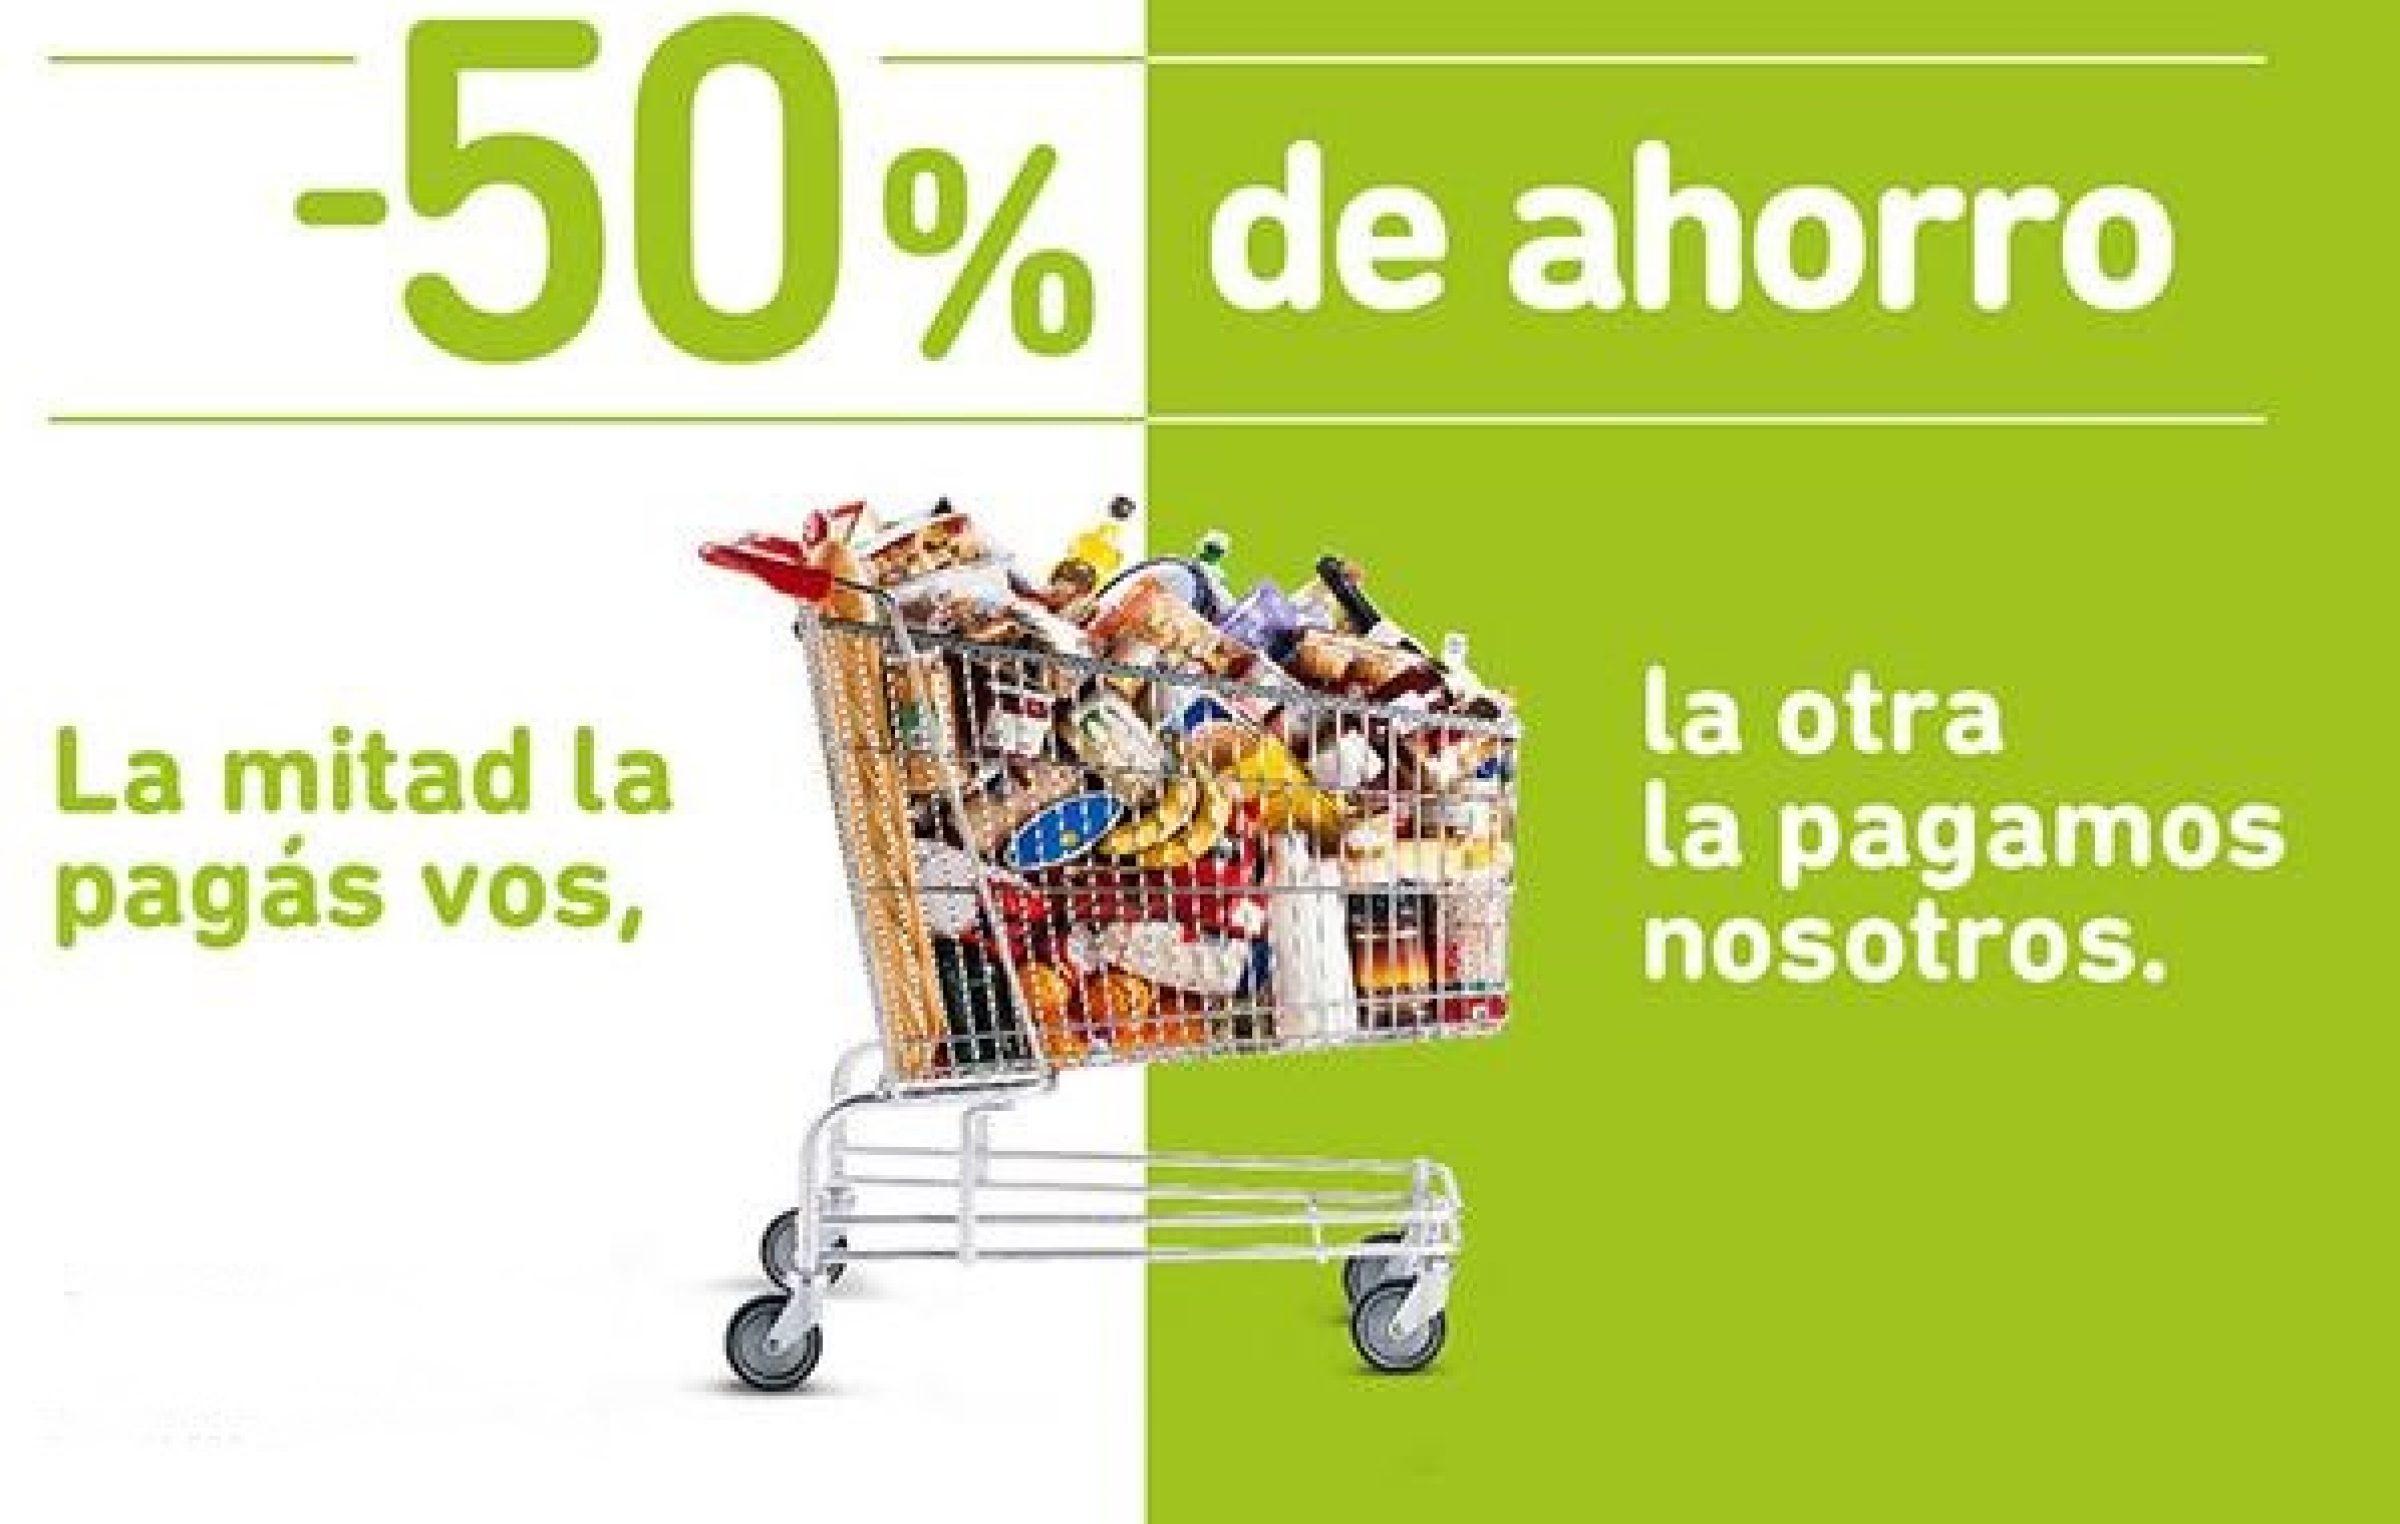 Banco Provincia analiza la vuelta de las promociones del 50% en los supermercados